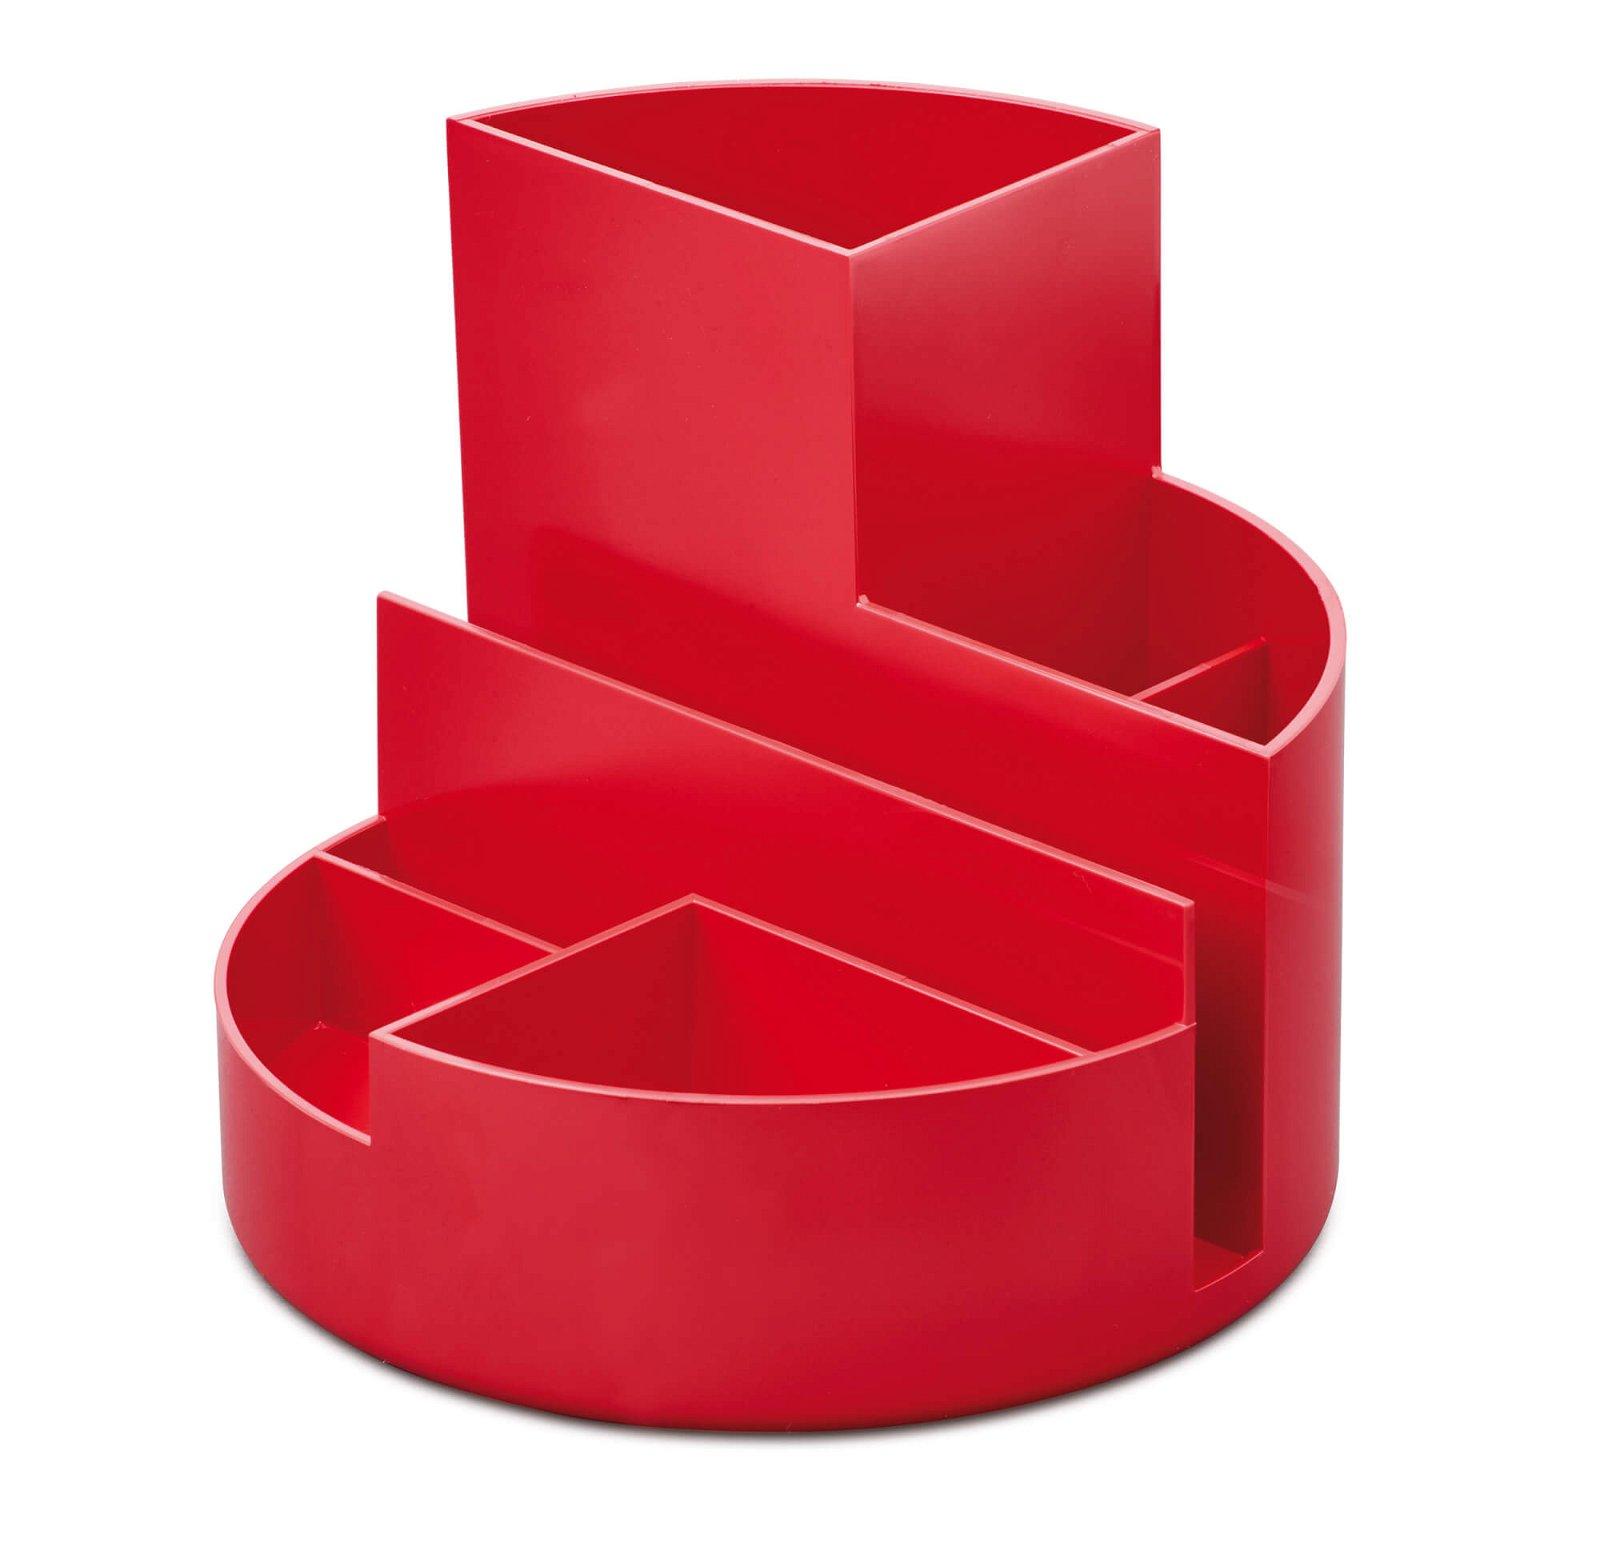 Schreibtischorganizer MAULrundbox Eco, rot